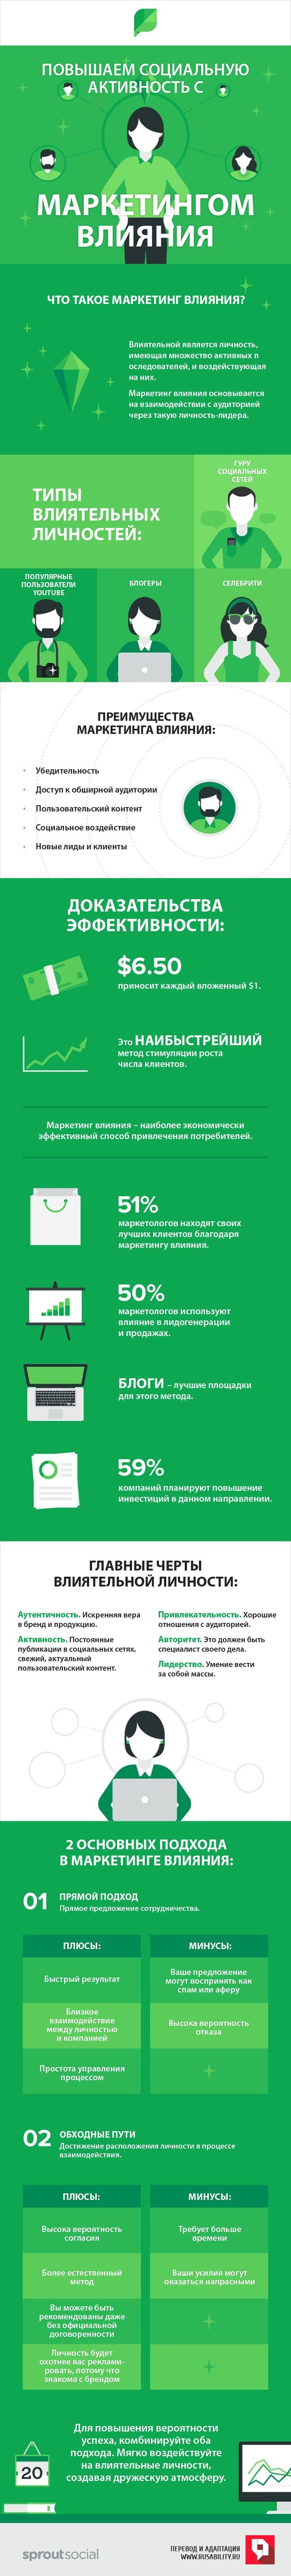 маркетинг влияния, influencer marketing, соцсети, социальные сети, воздействие, активность, вовлечение, инфографика